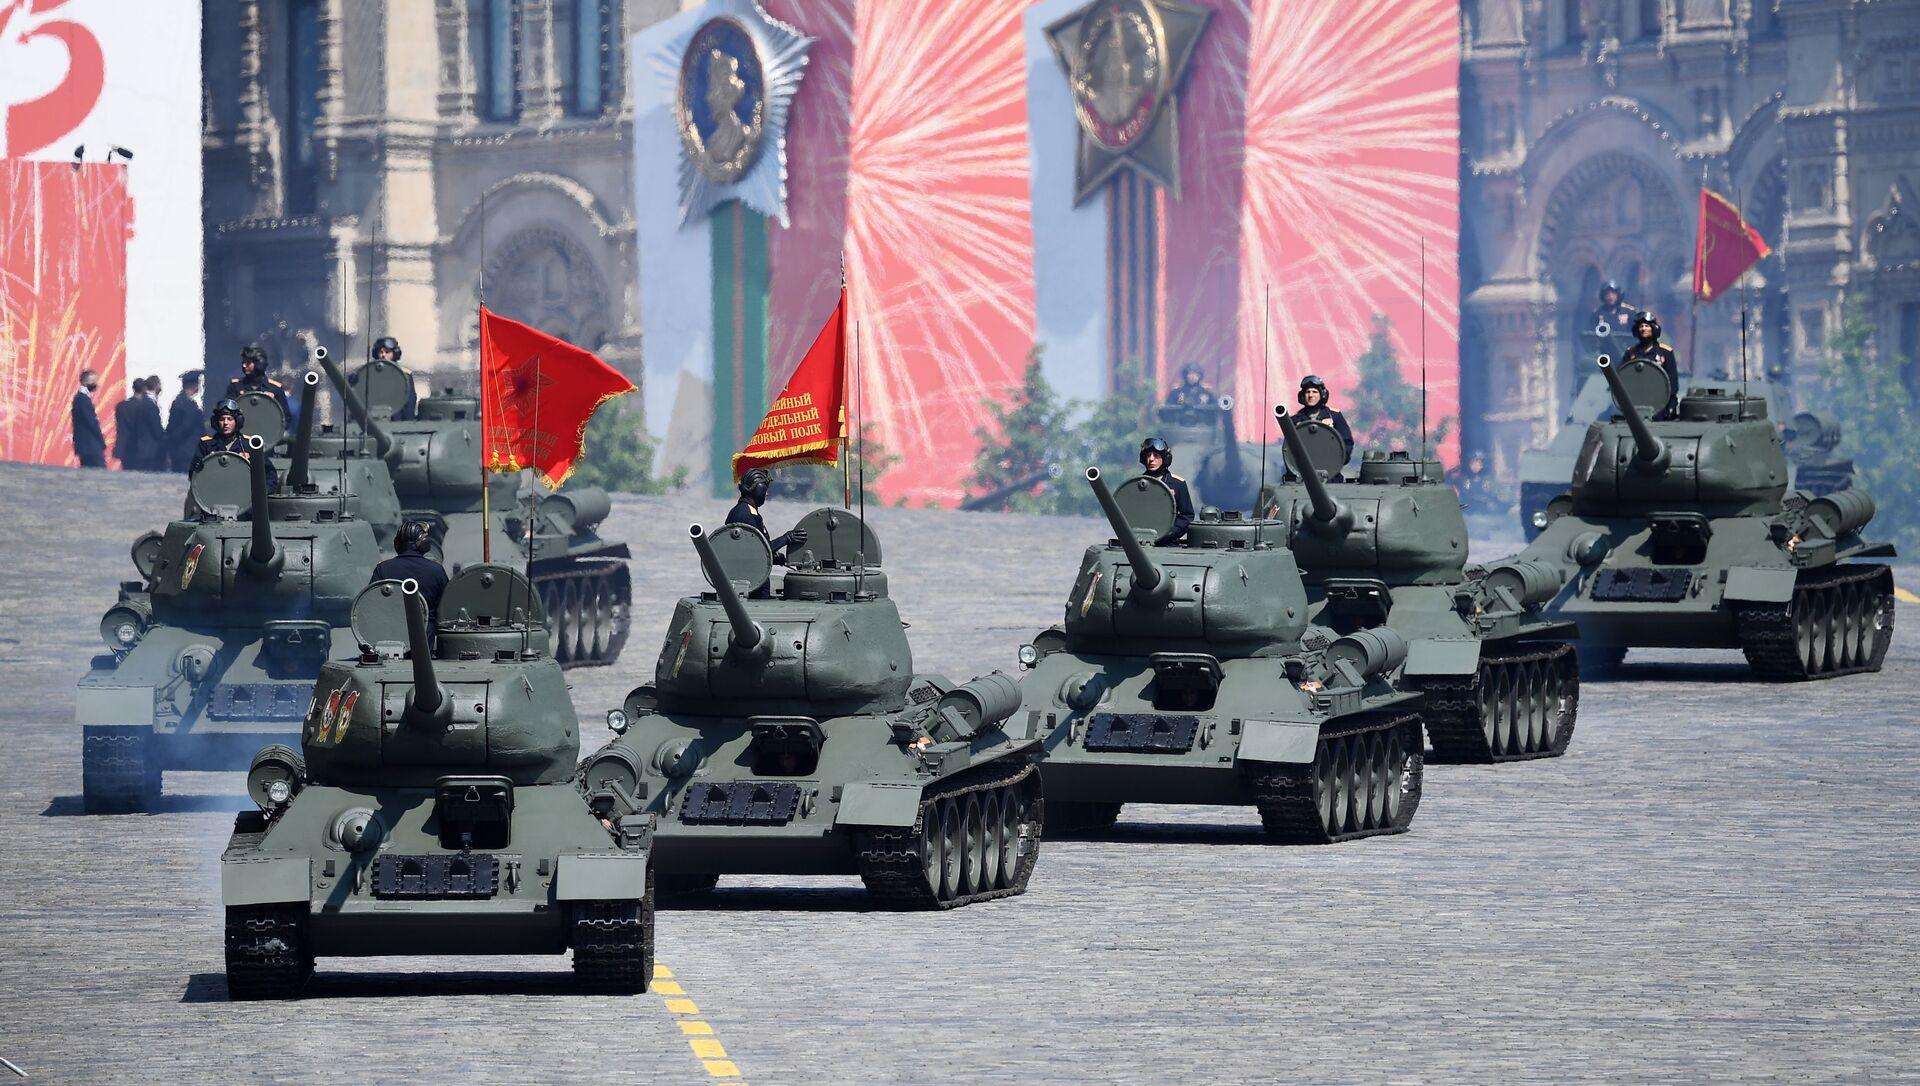 Тенкови Т-34-85 на генералној проби параде поводом 75. годишњице победе у Другом светском рату - Sputnik Србија, 1920, 25.03.2021